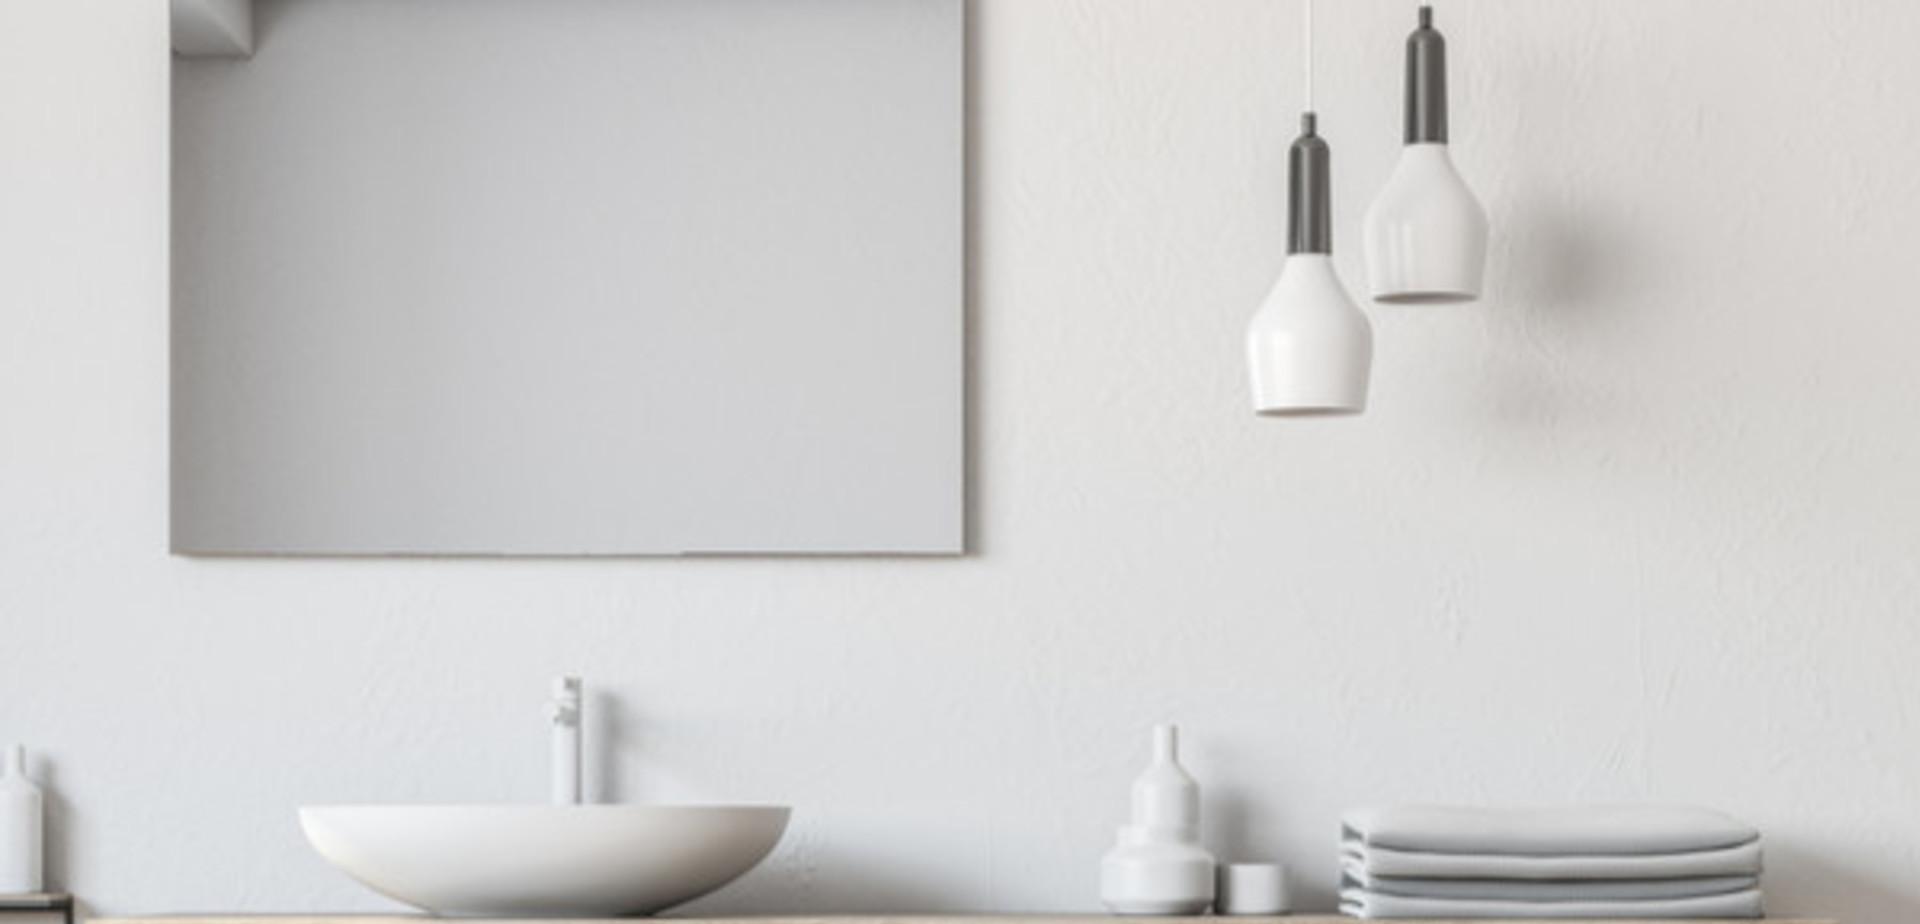 De Veiligheids Normen Voor Elektriciteit In Een Badkamer Brico Be